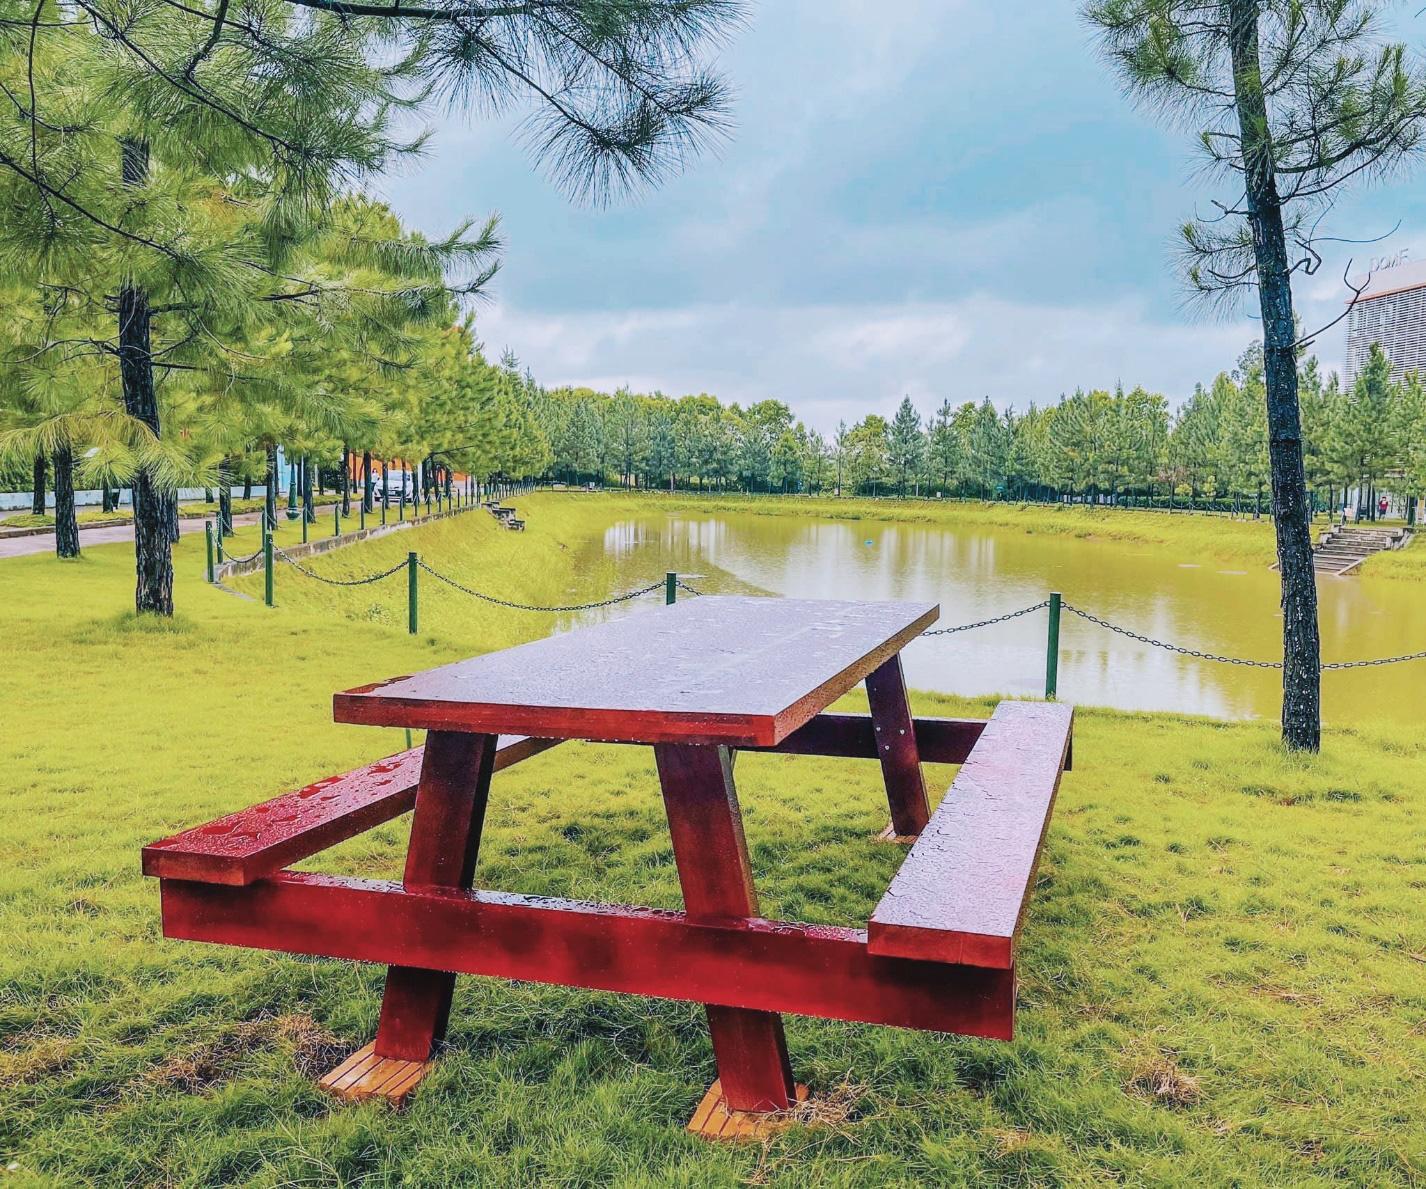 Cận cảnh khu cách ly Covid-19 xanh mát tại campus Hòa Lạc - Ảnh 4.